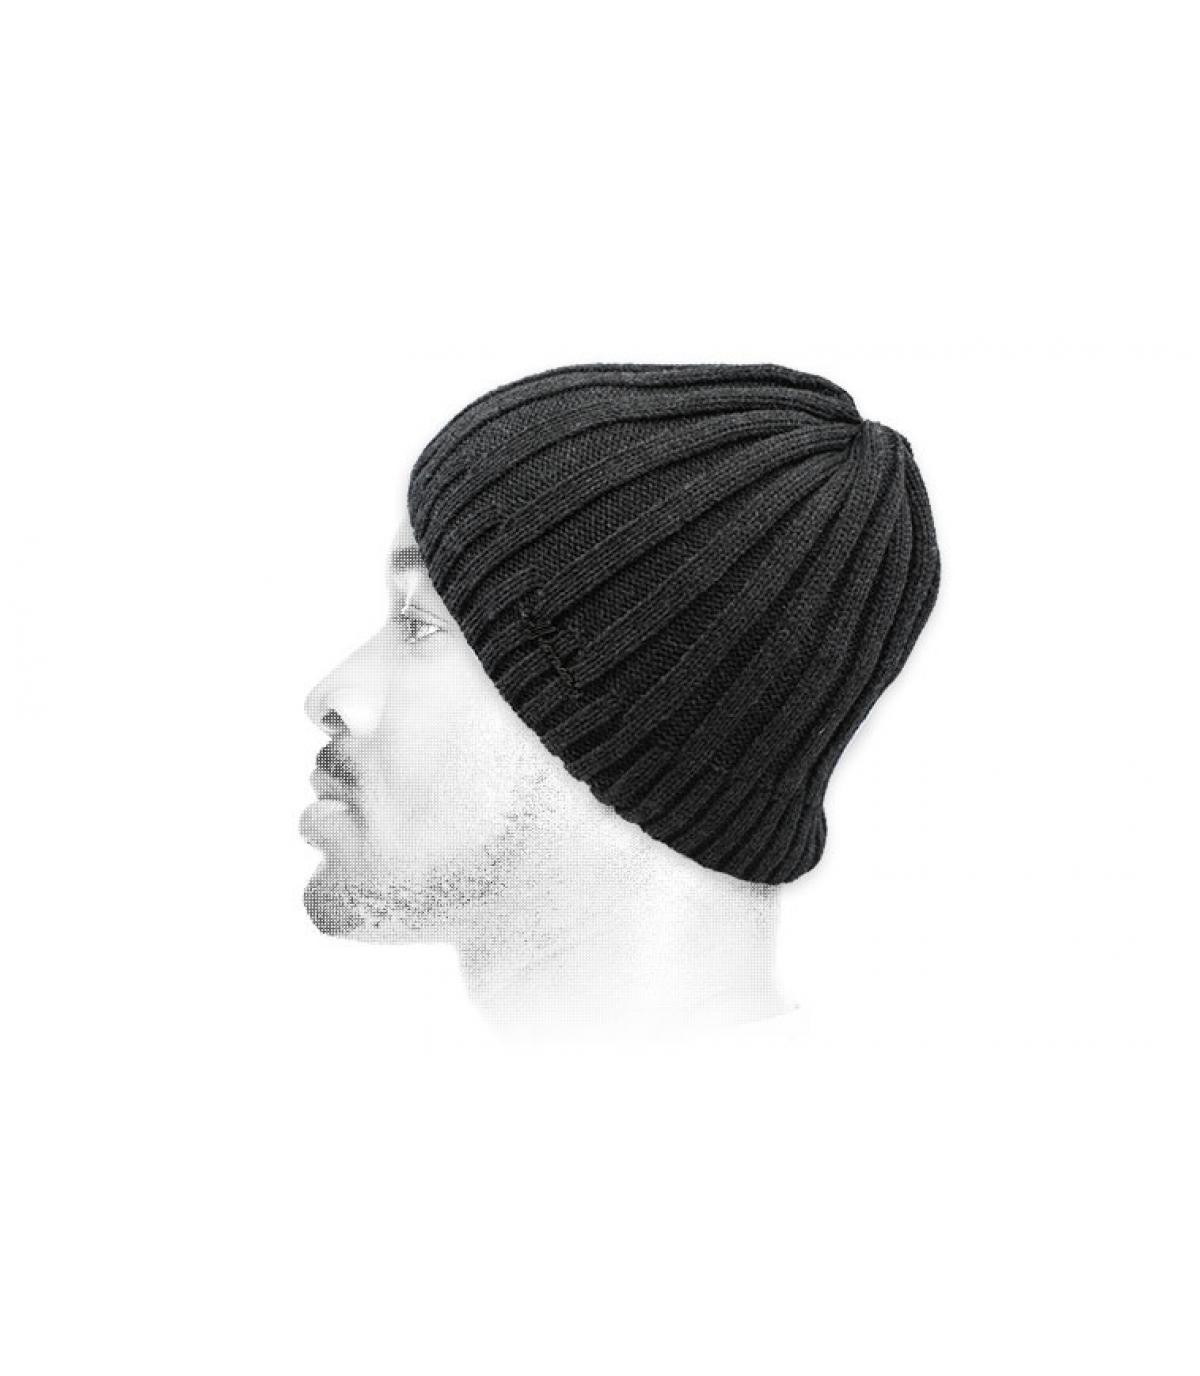 Kurze Mütze grau